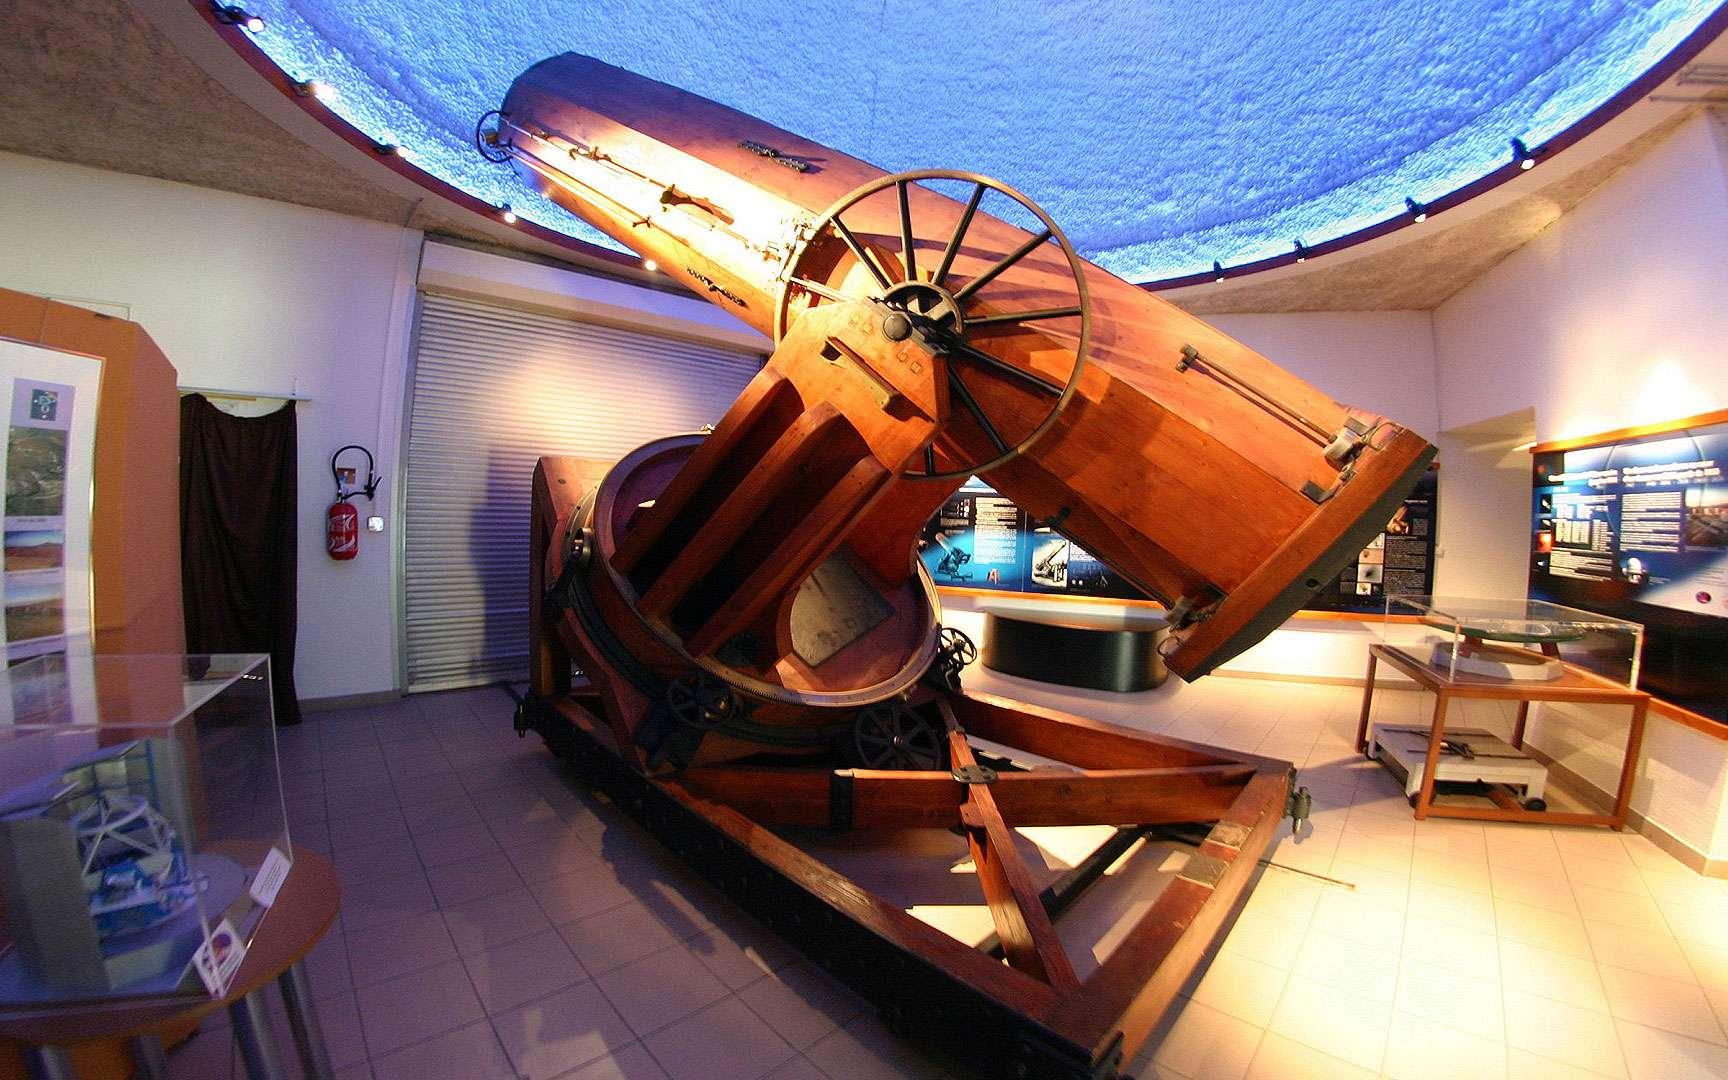 Télescope de Foucault à l'observatoire de Marseille. Premier instrument doté d'un miroir en verre (de 80 centimètres), ce télescope de Foucault datant du XIXe siècle se trouve à l'observatoire de Marseille. © Jean-Baptiste Feldmann